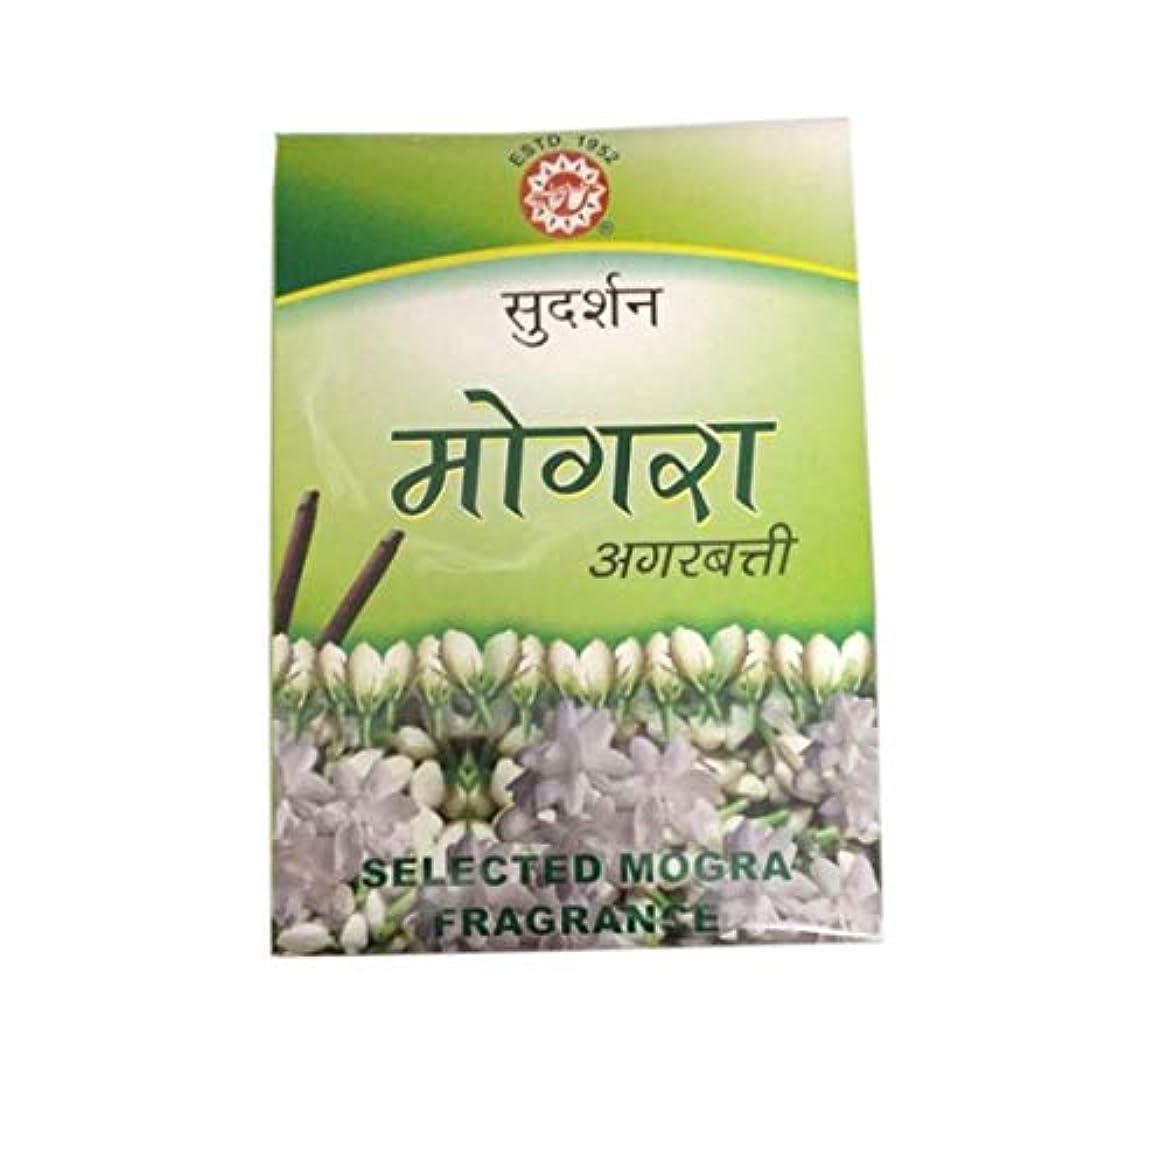 分離するミントおばあさんSudarshan Mogra Agarbatti - 12 Sticks Packet 1 Box Fragrance Incense Sticks for Positivity & Freshness Lavender...